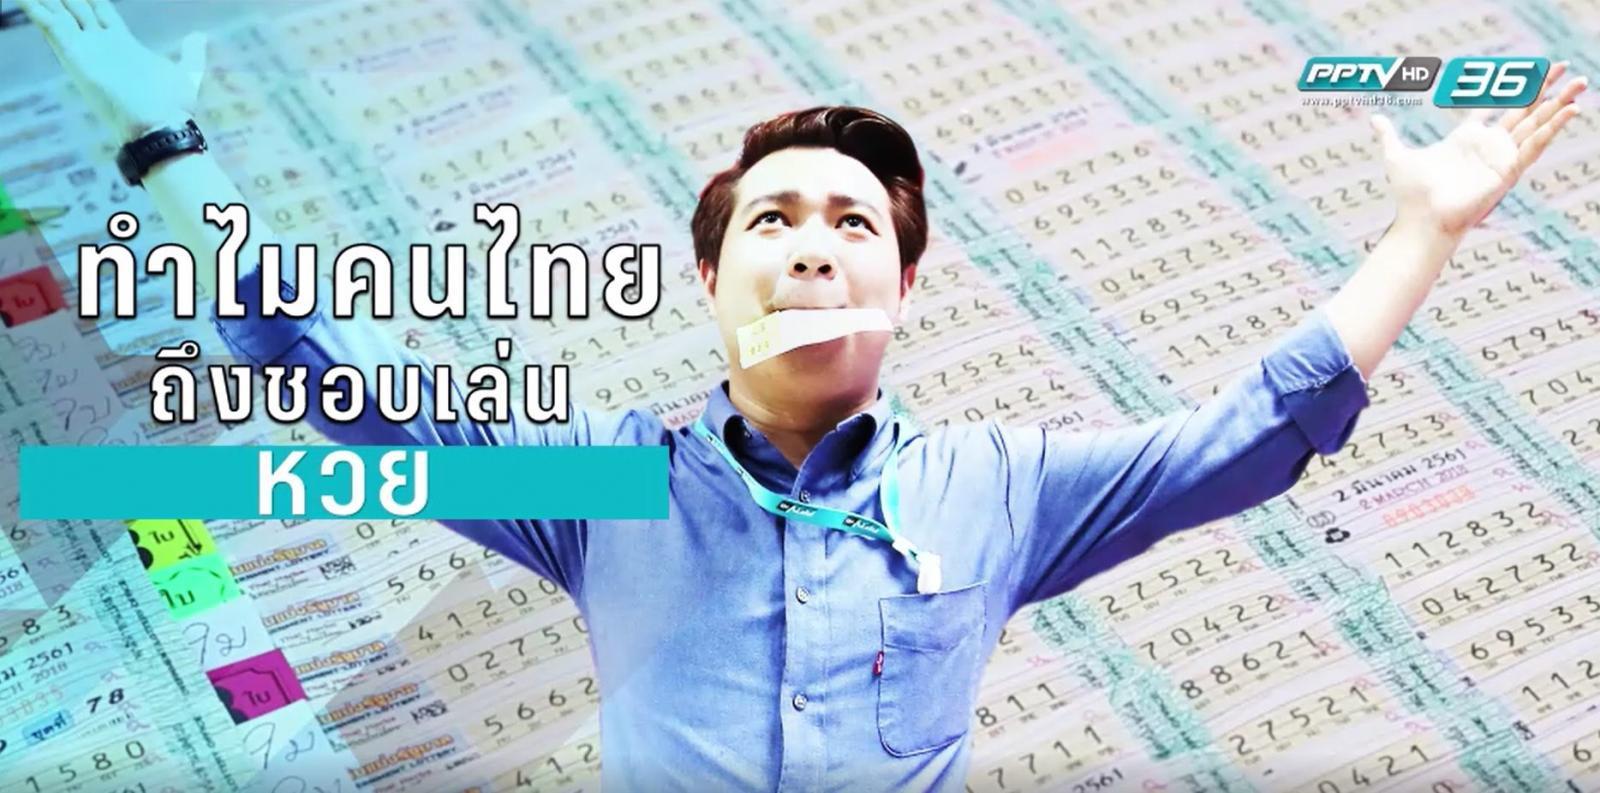 ทำไม!คนไทยถึงชอบเล่นหวย ?